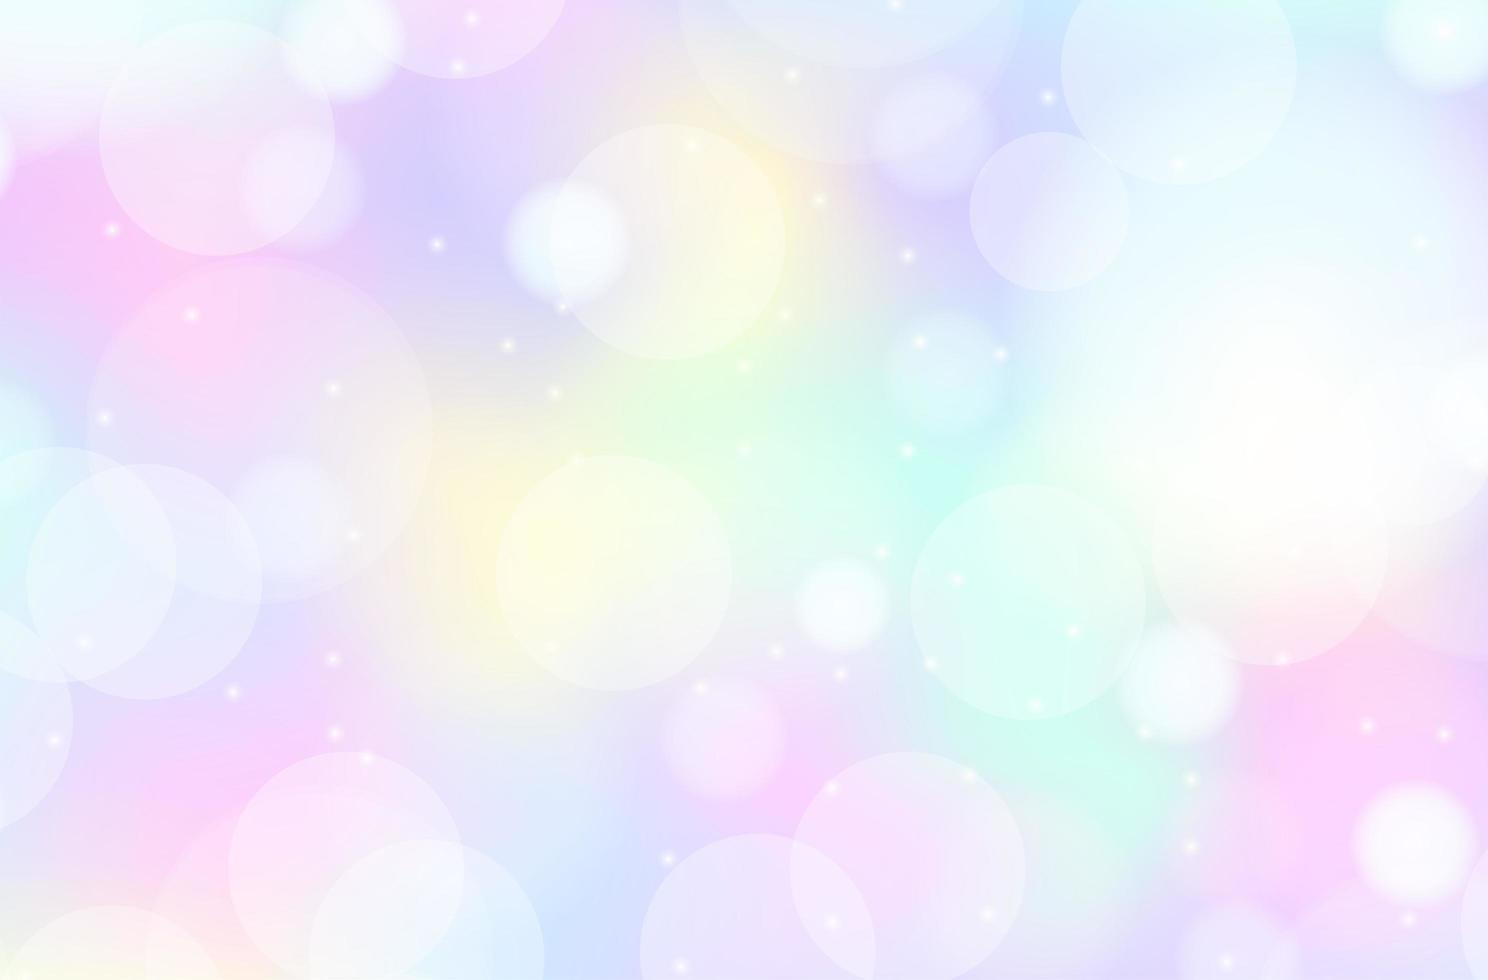 fond flou pastel arc en ciel vecteur